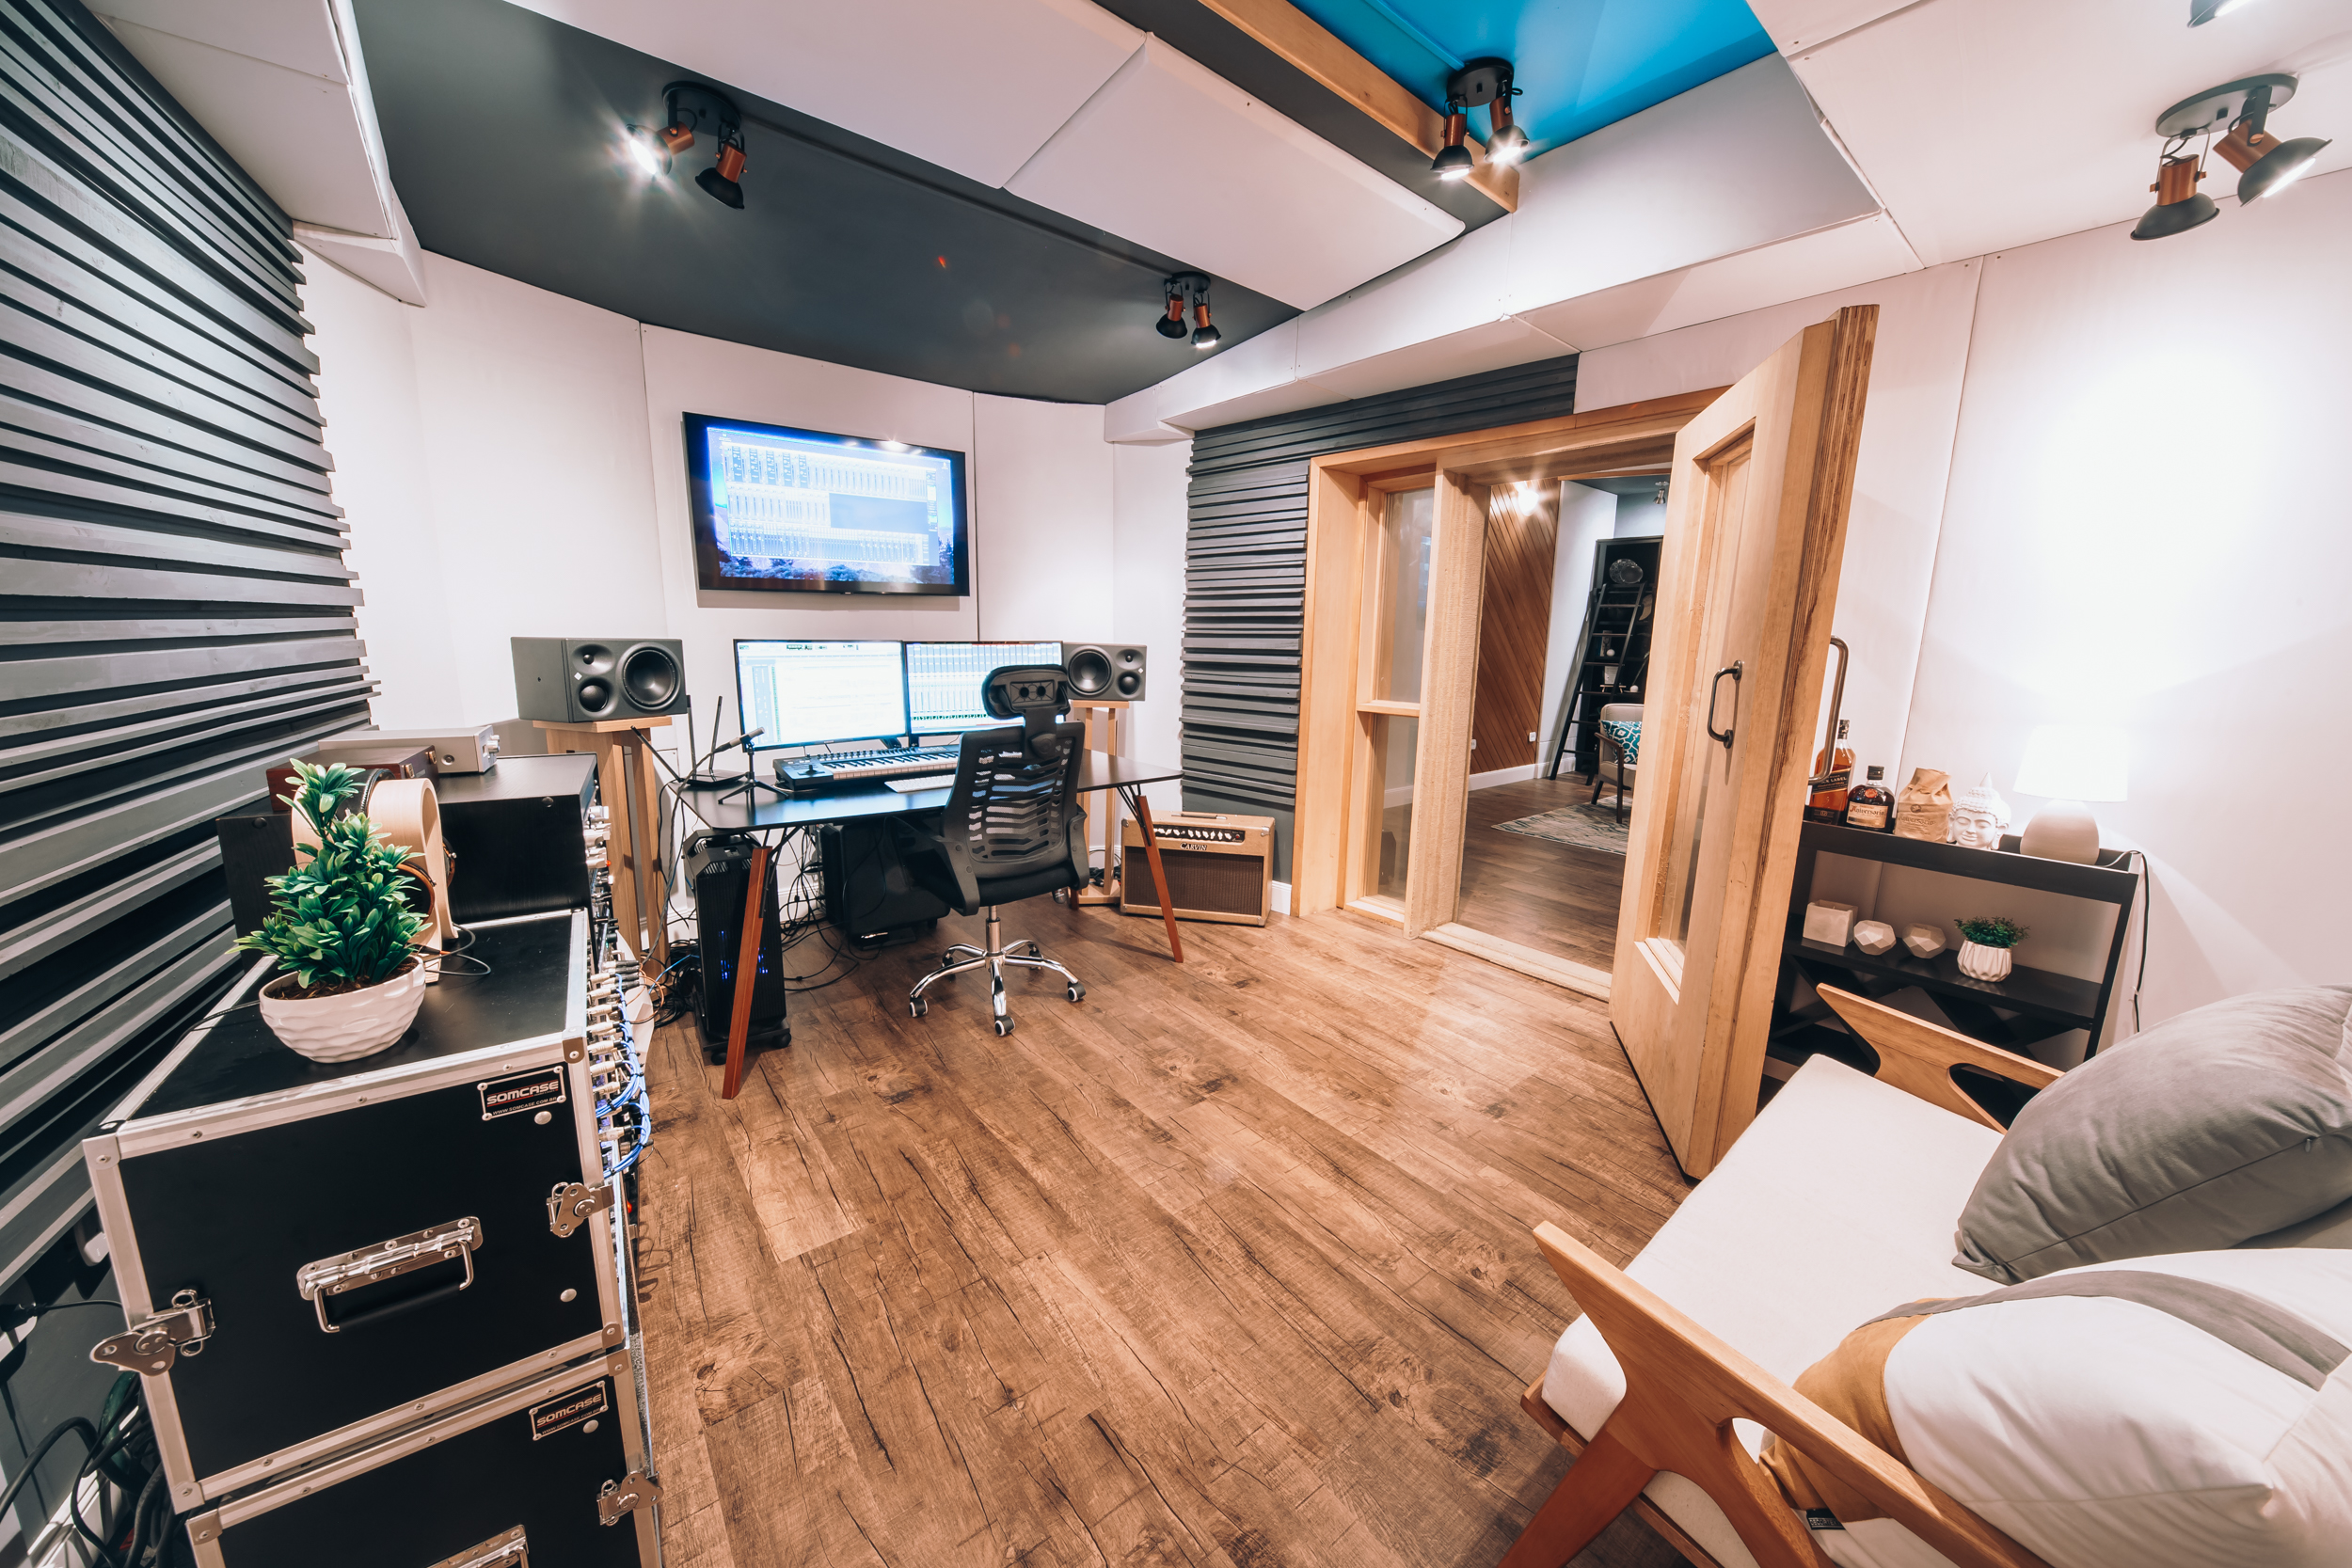 Estúdio acústico decorado, de 20m² ideal para gravação de música e podcast. Sua aconchegante decoração também permite ser utilizado como espaço para realização de vídeos. Possui sala técnica ao lado de 12m² que oferece a possibilidade de acompanhar as gravações e também uma ampla visão para dentro do estúdio.